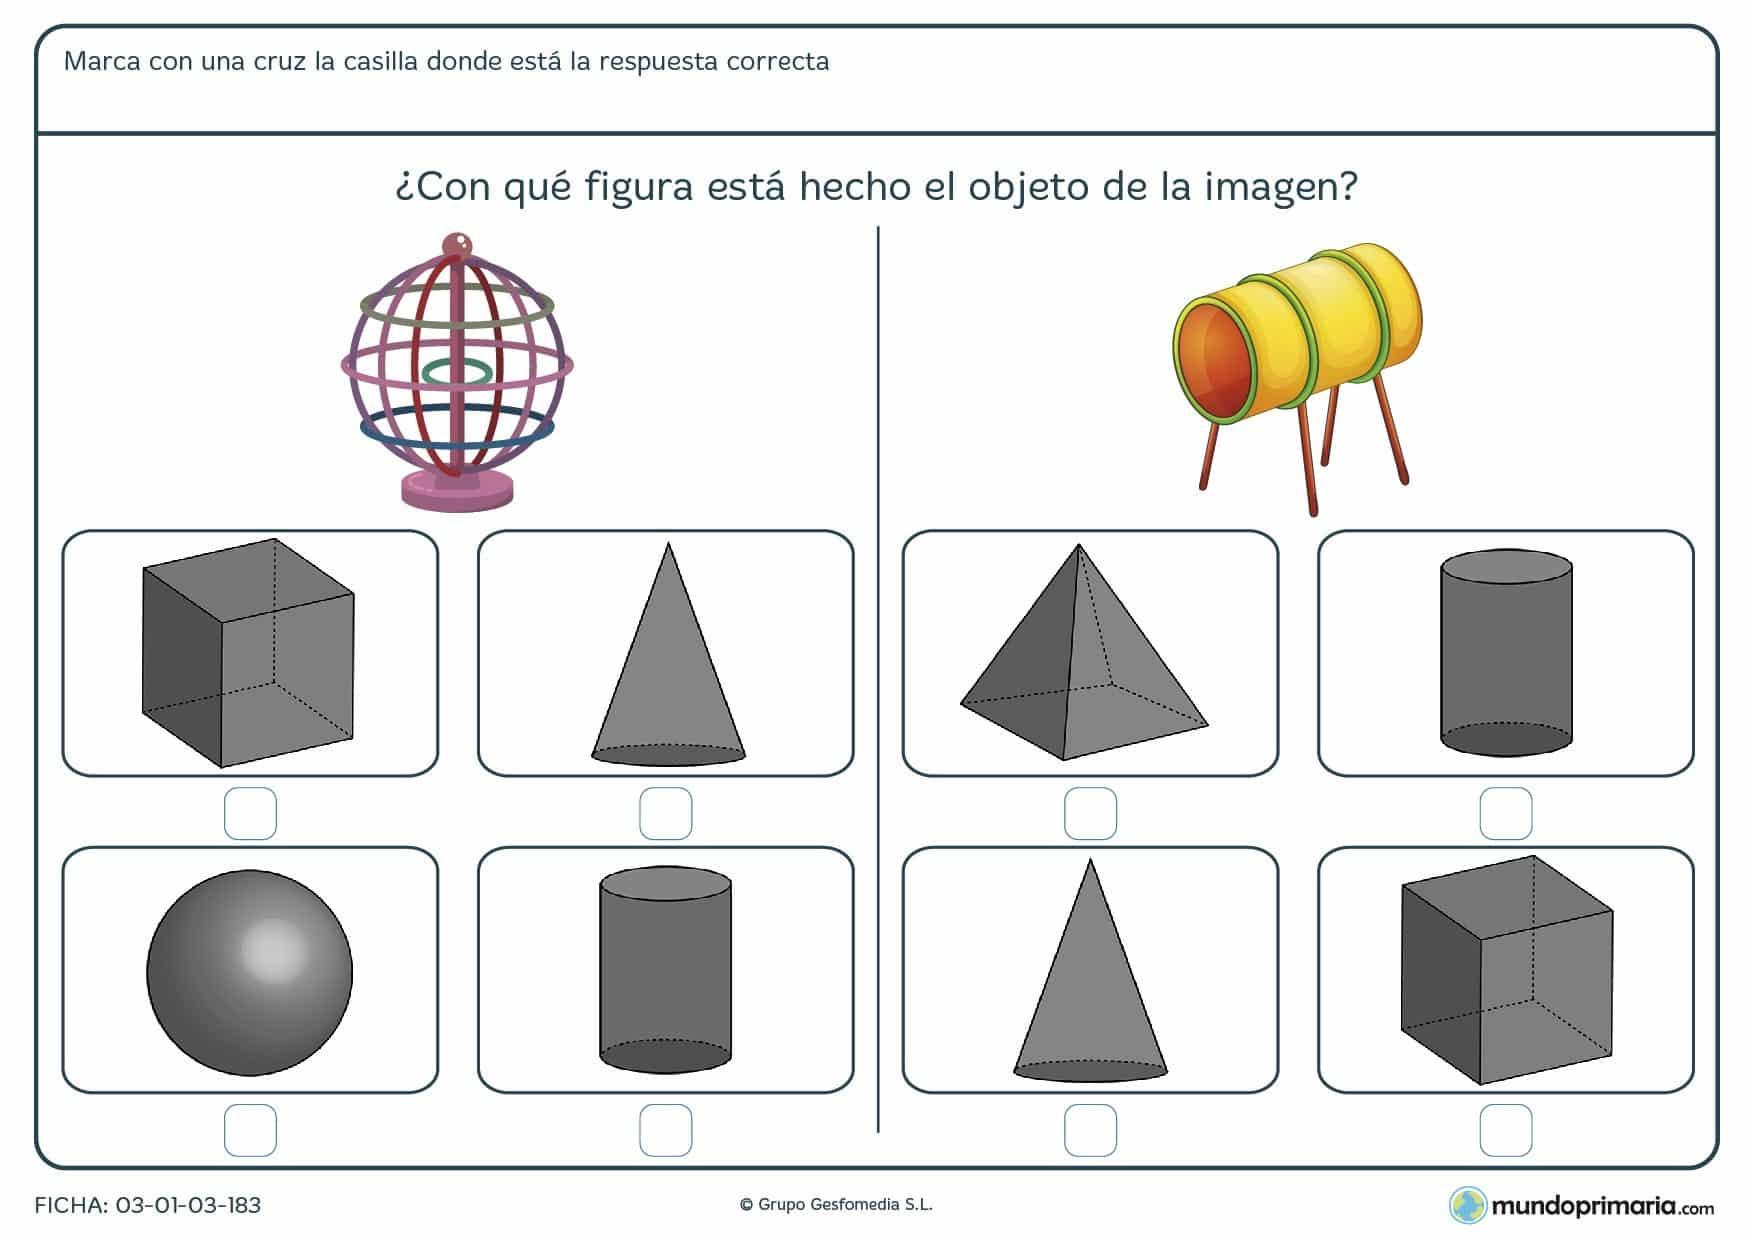 Ficha de conos para niños de 6 a 7 años que necesiten apoyo escolar